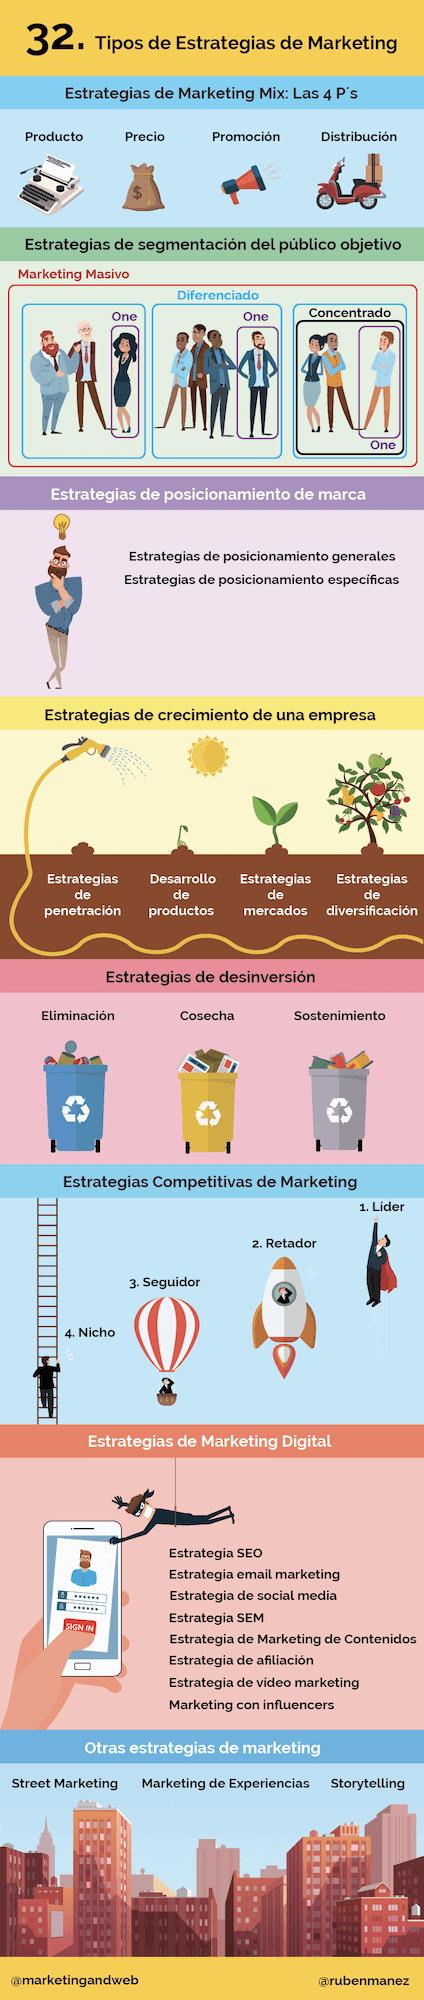 infografia estrategias de marketing